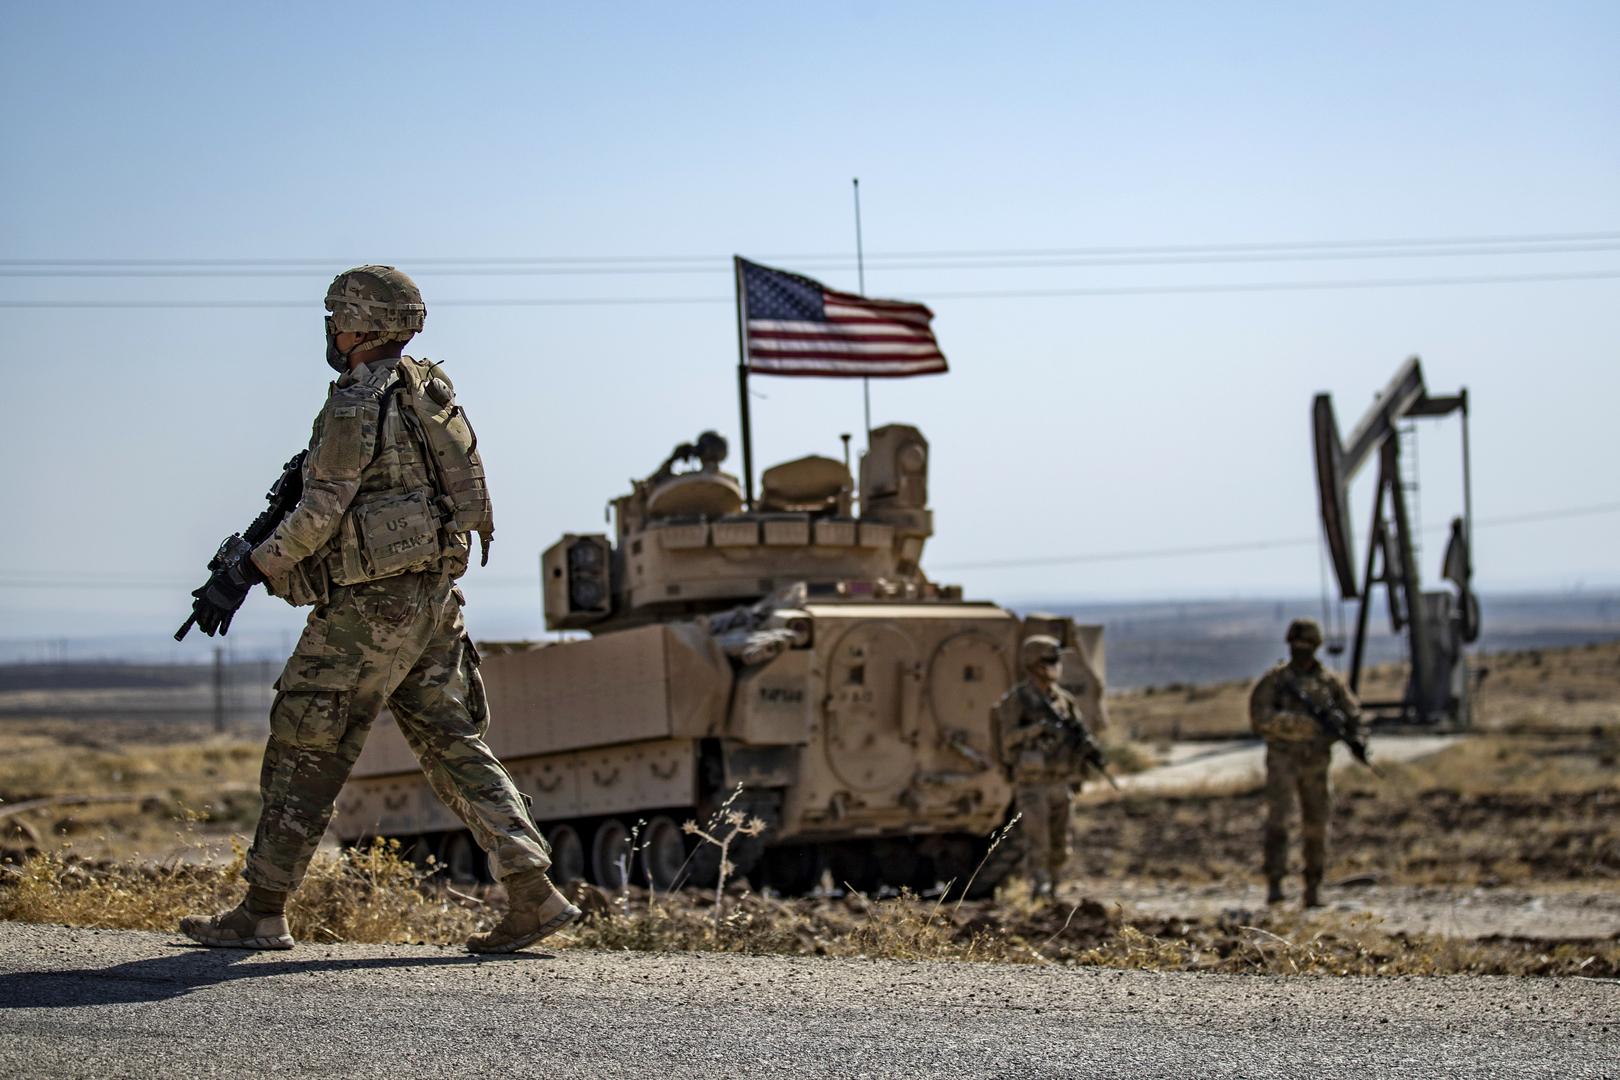 سانا: الجيش الأمريكي يخرج شاحنات محملة بحبوب